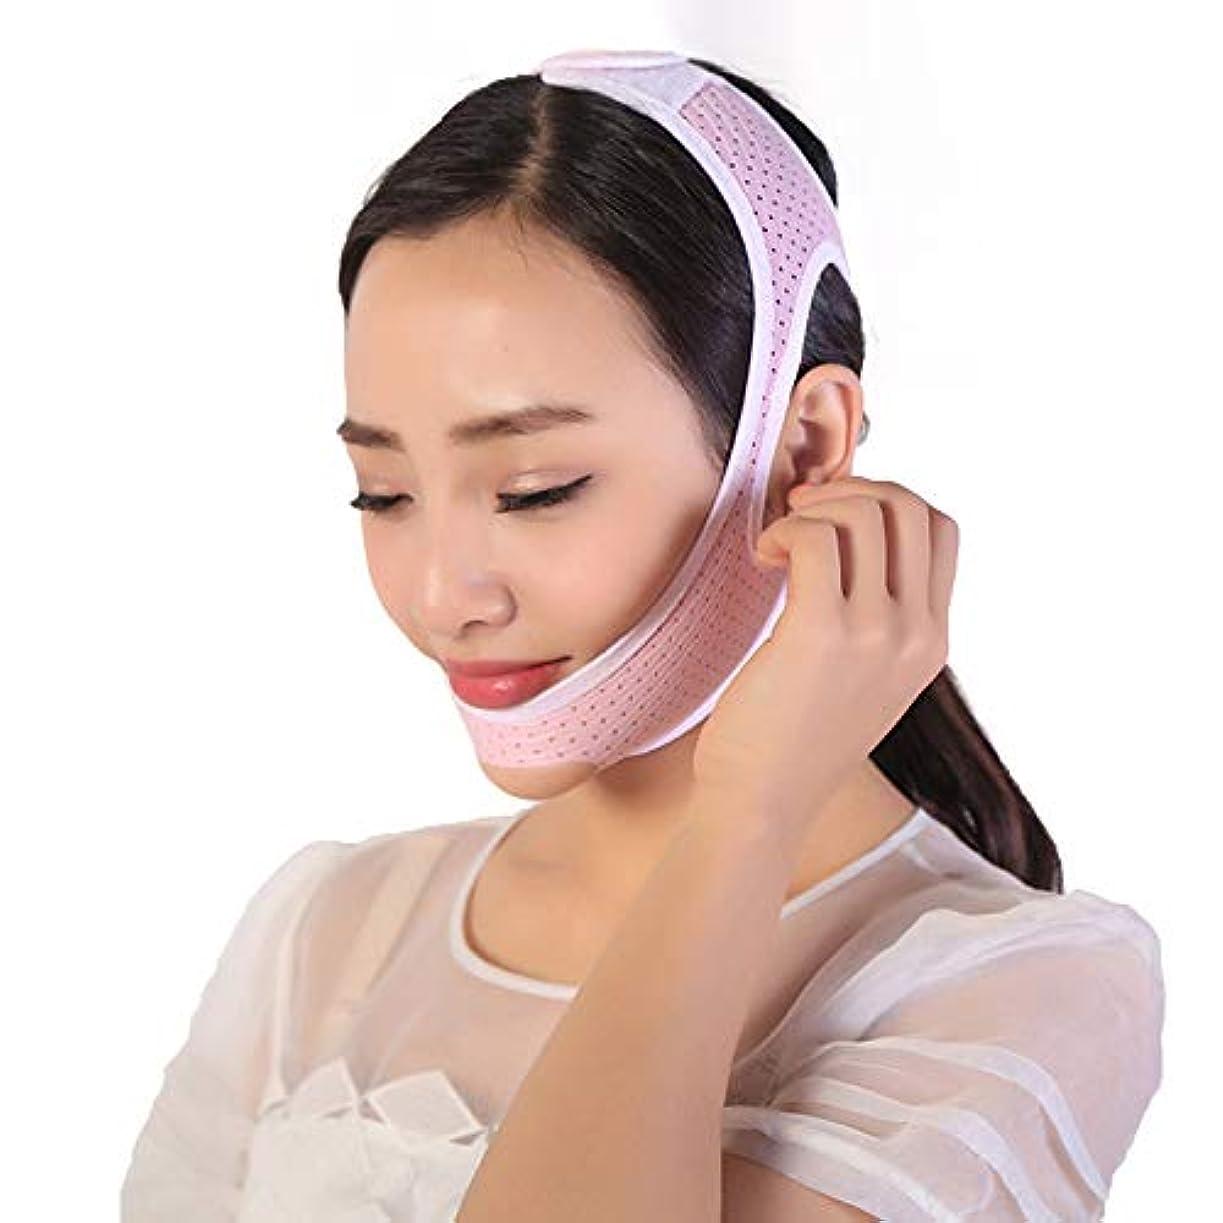 体操選手継承酸素Jia Jia- フェイシャルリフティングスリミングベルト - 薄型フェイス包帯ダブルチンデバイスフェイシャルマッサージアンチエイジングリンクルフェイスマスクベルト 顔面包帯 (サイズ さいず : L l)